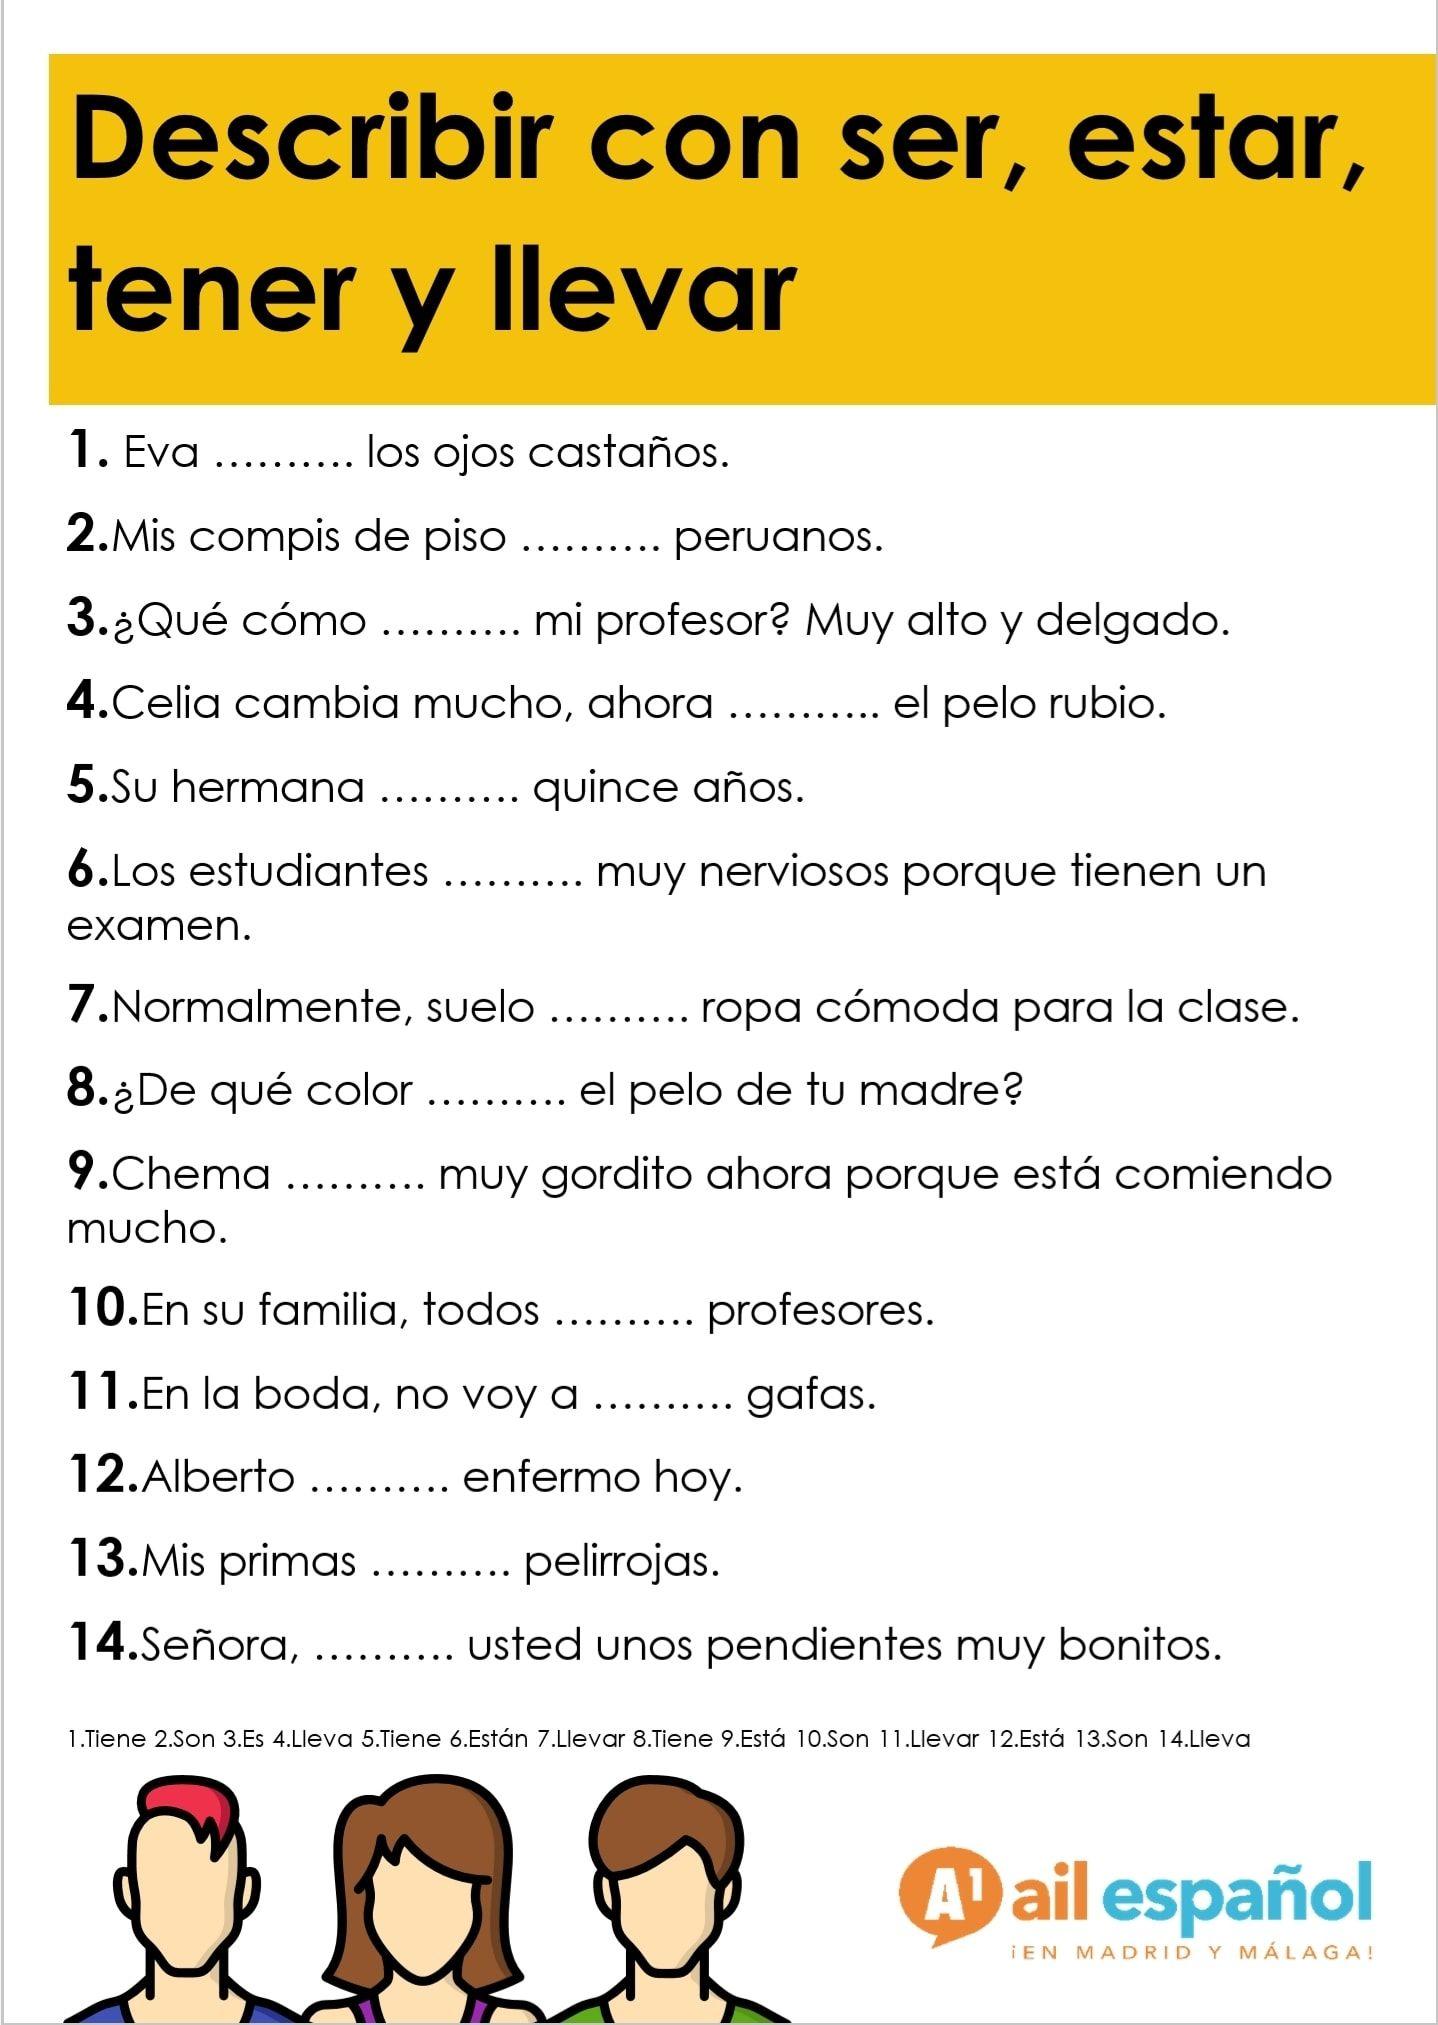 Nivel A1 Para Repasar Las Descripciones Con Ser Estar Tener O Llevar Podéis Practic Ejercicios De Español Ejercicios Para Aprender Español Aprender Español